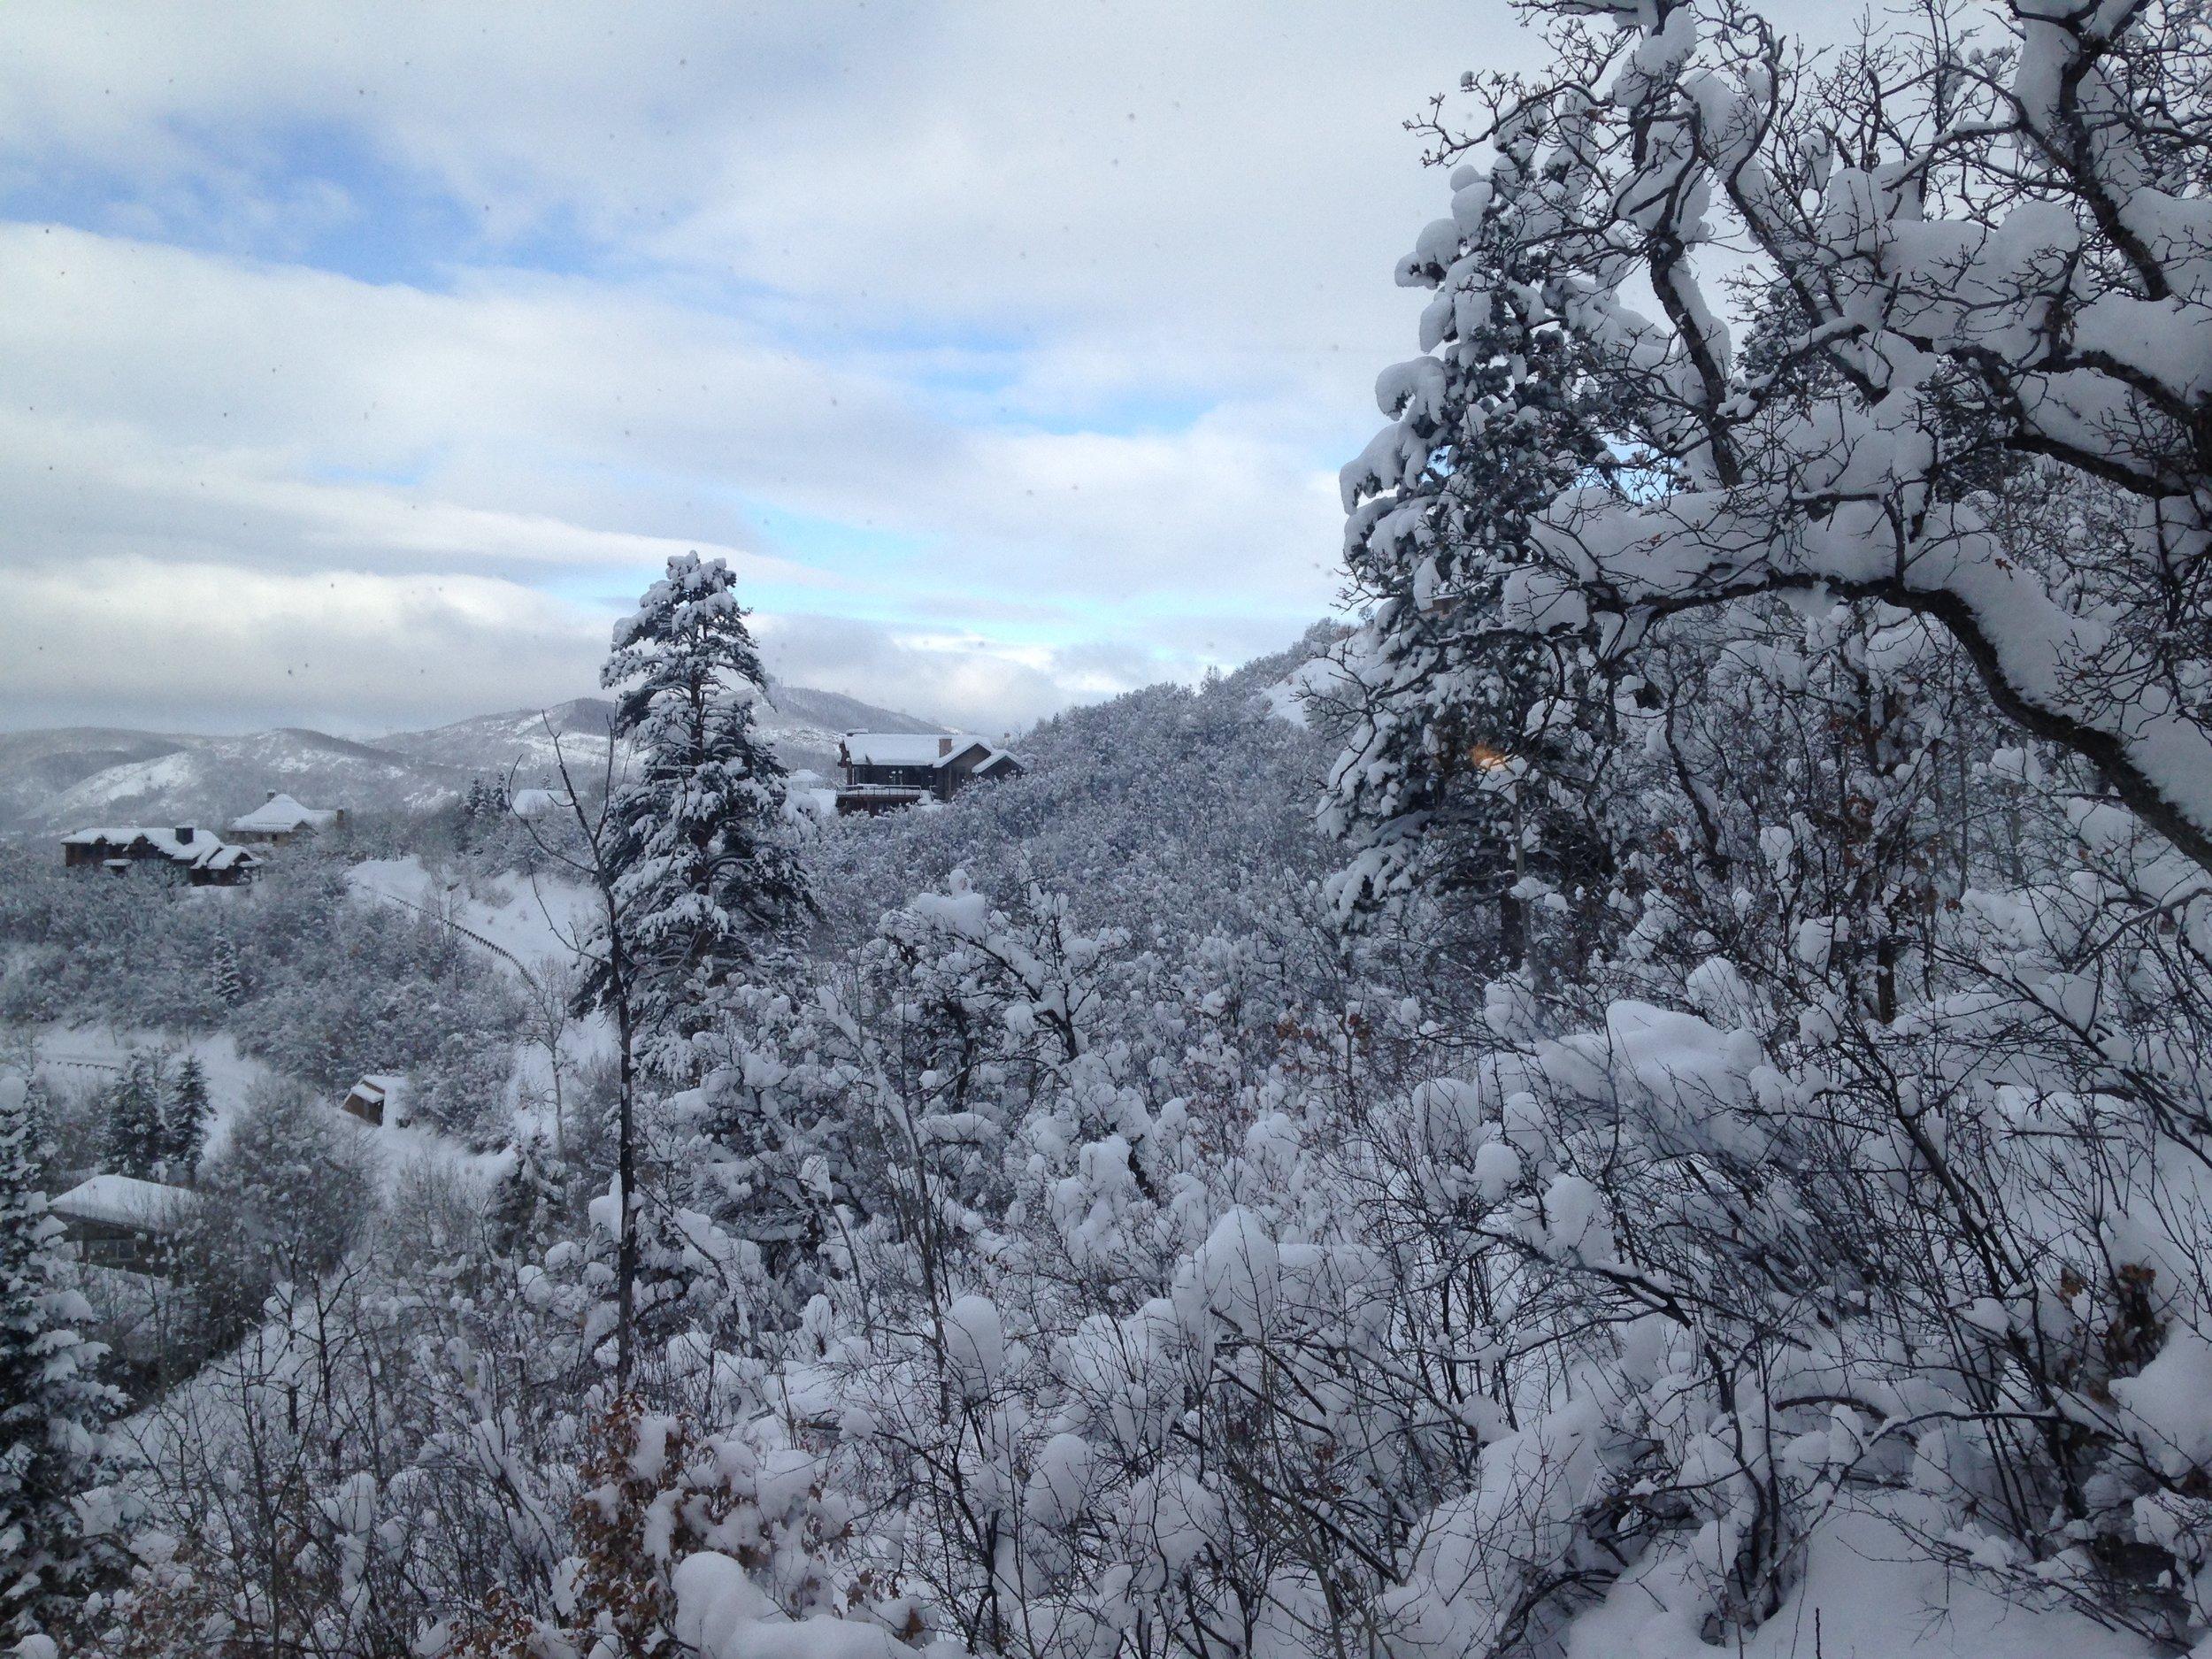 Snowshow Winter Wonderland 2